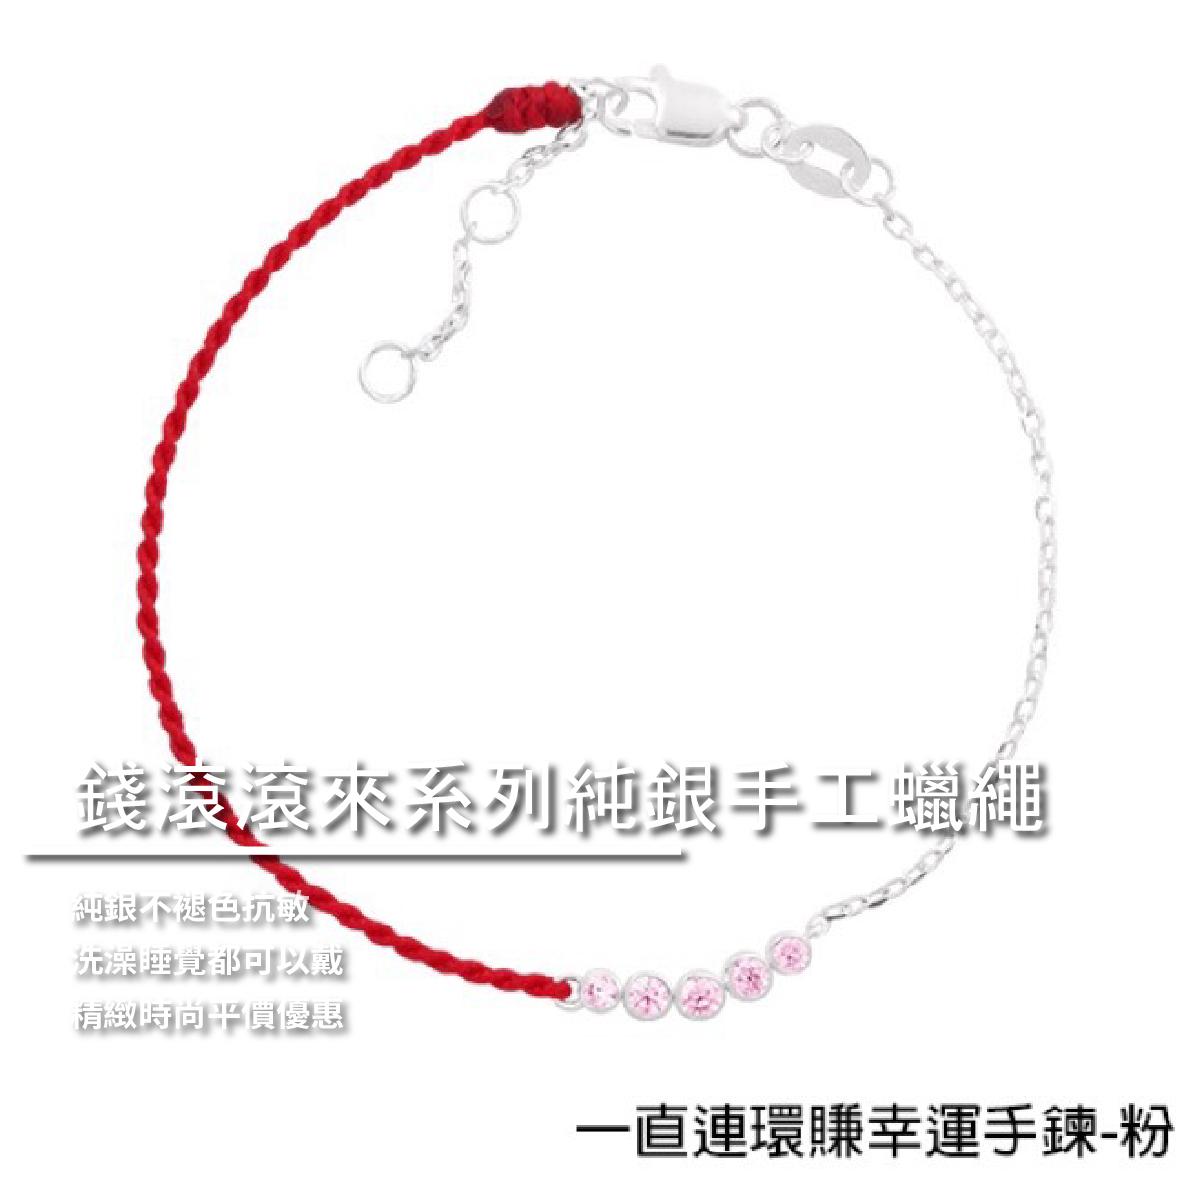 【漂亮飾品屋】錢滾滾來系列_純銀手工蠟繩15.5cm